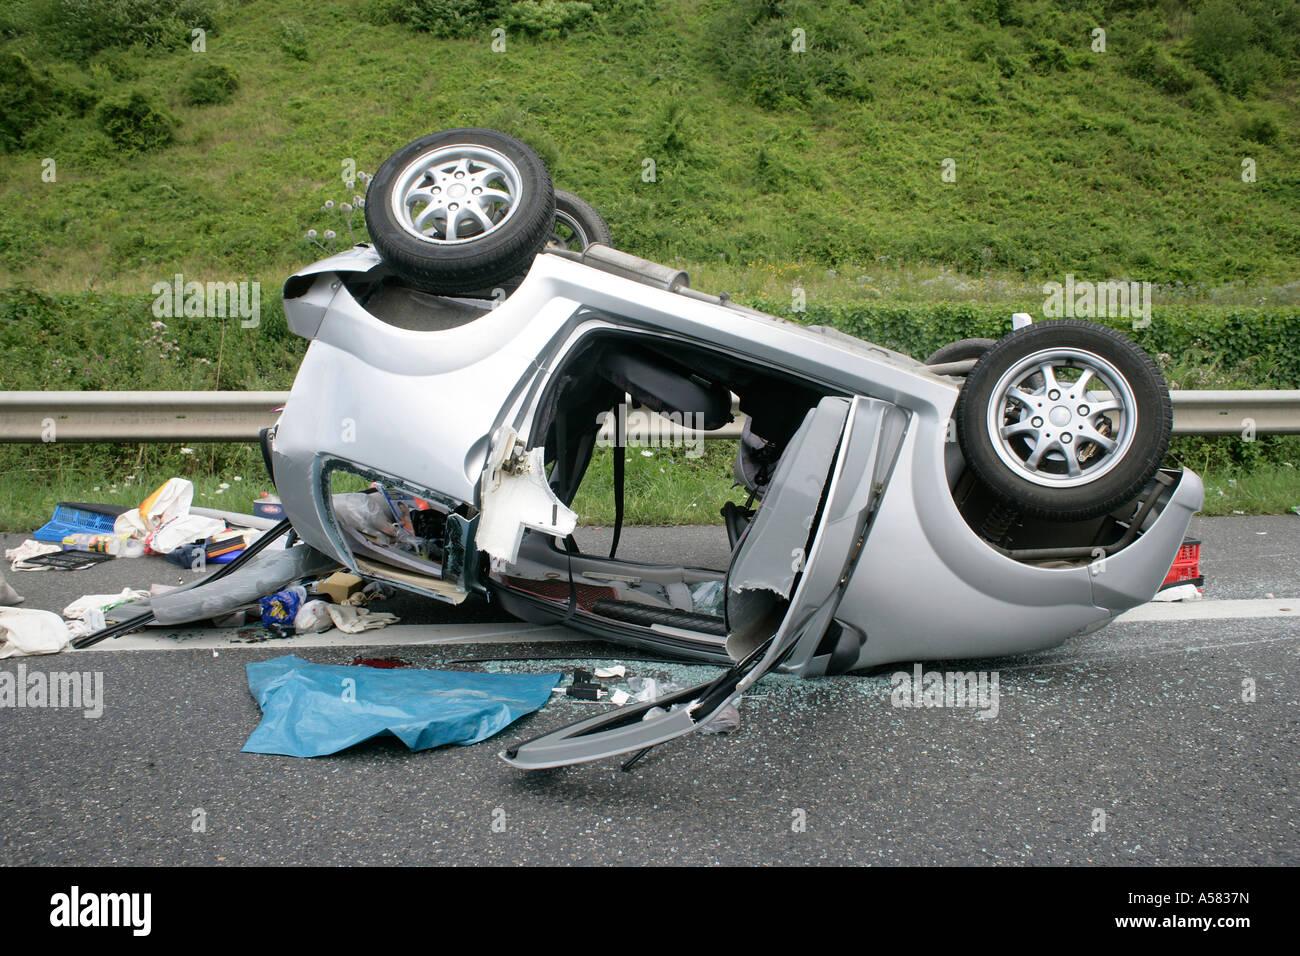 accident avec une voiture l g re ligier banque d 39 images photo stock 11227976 alamy. Black Bedroom Furniture Sets. Home Design Ideas